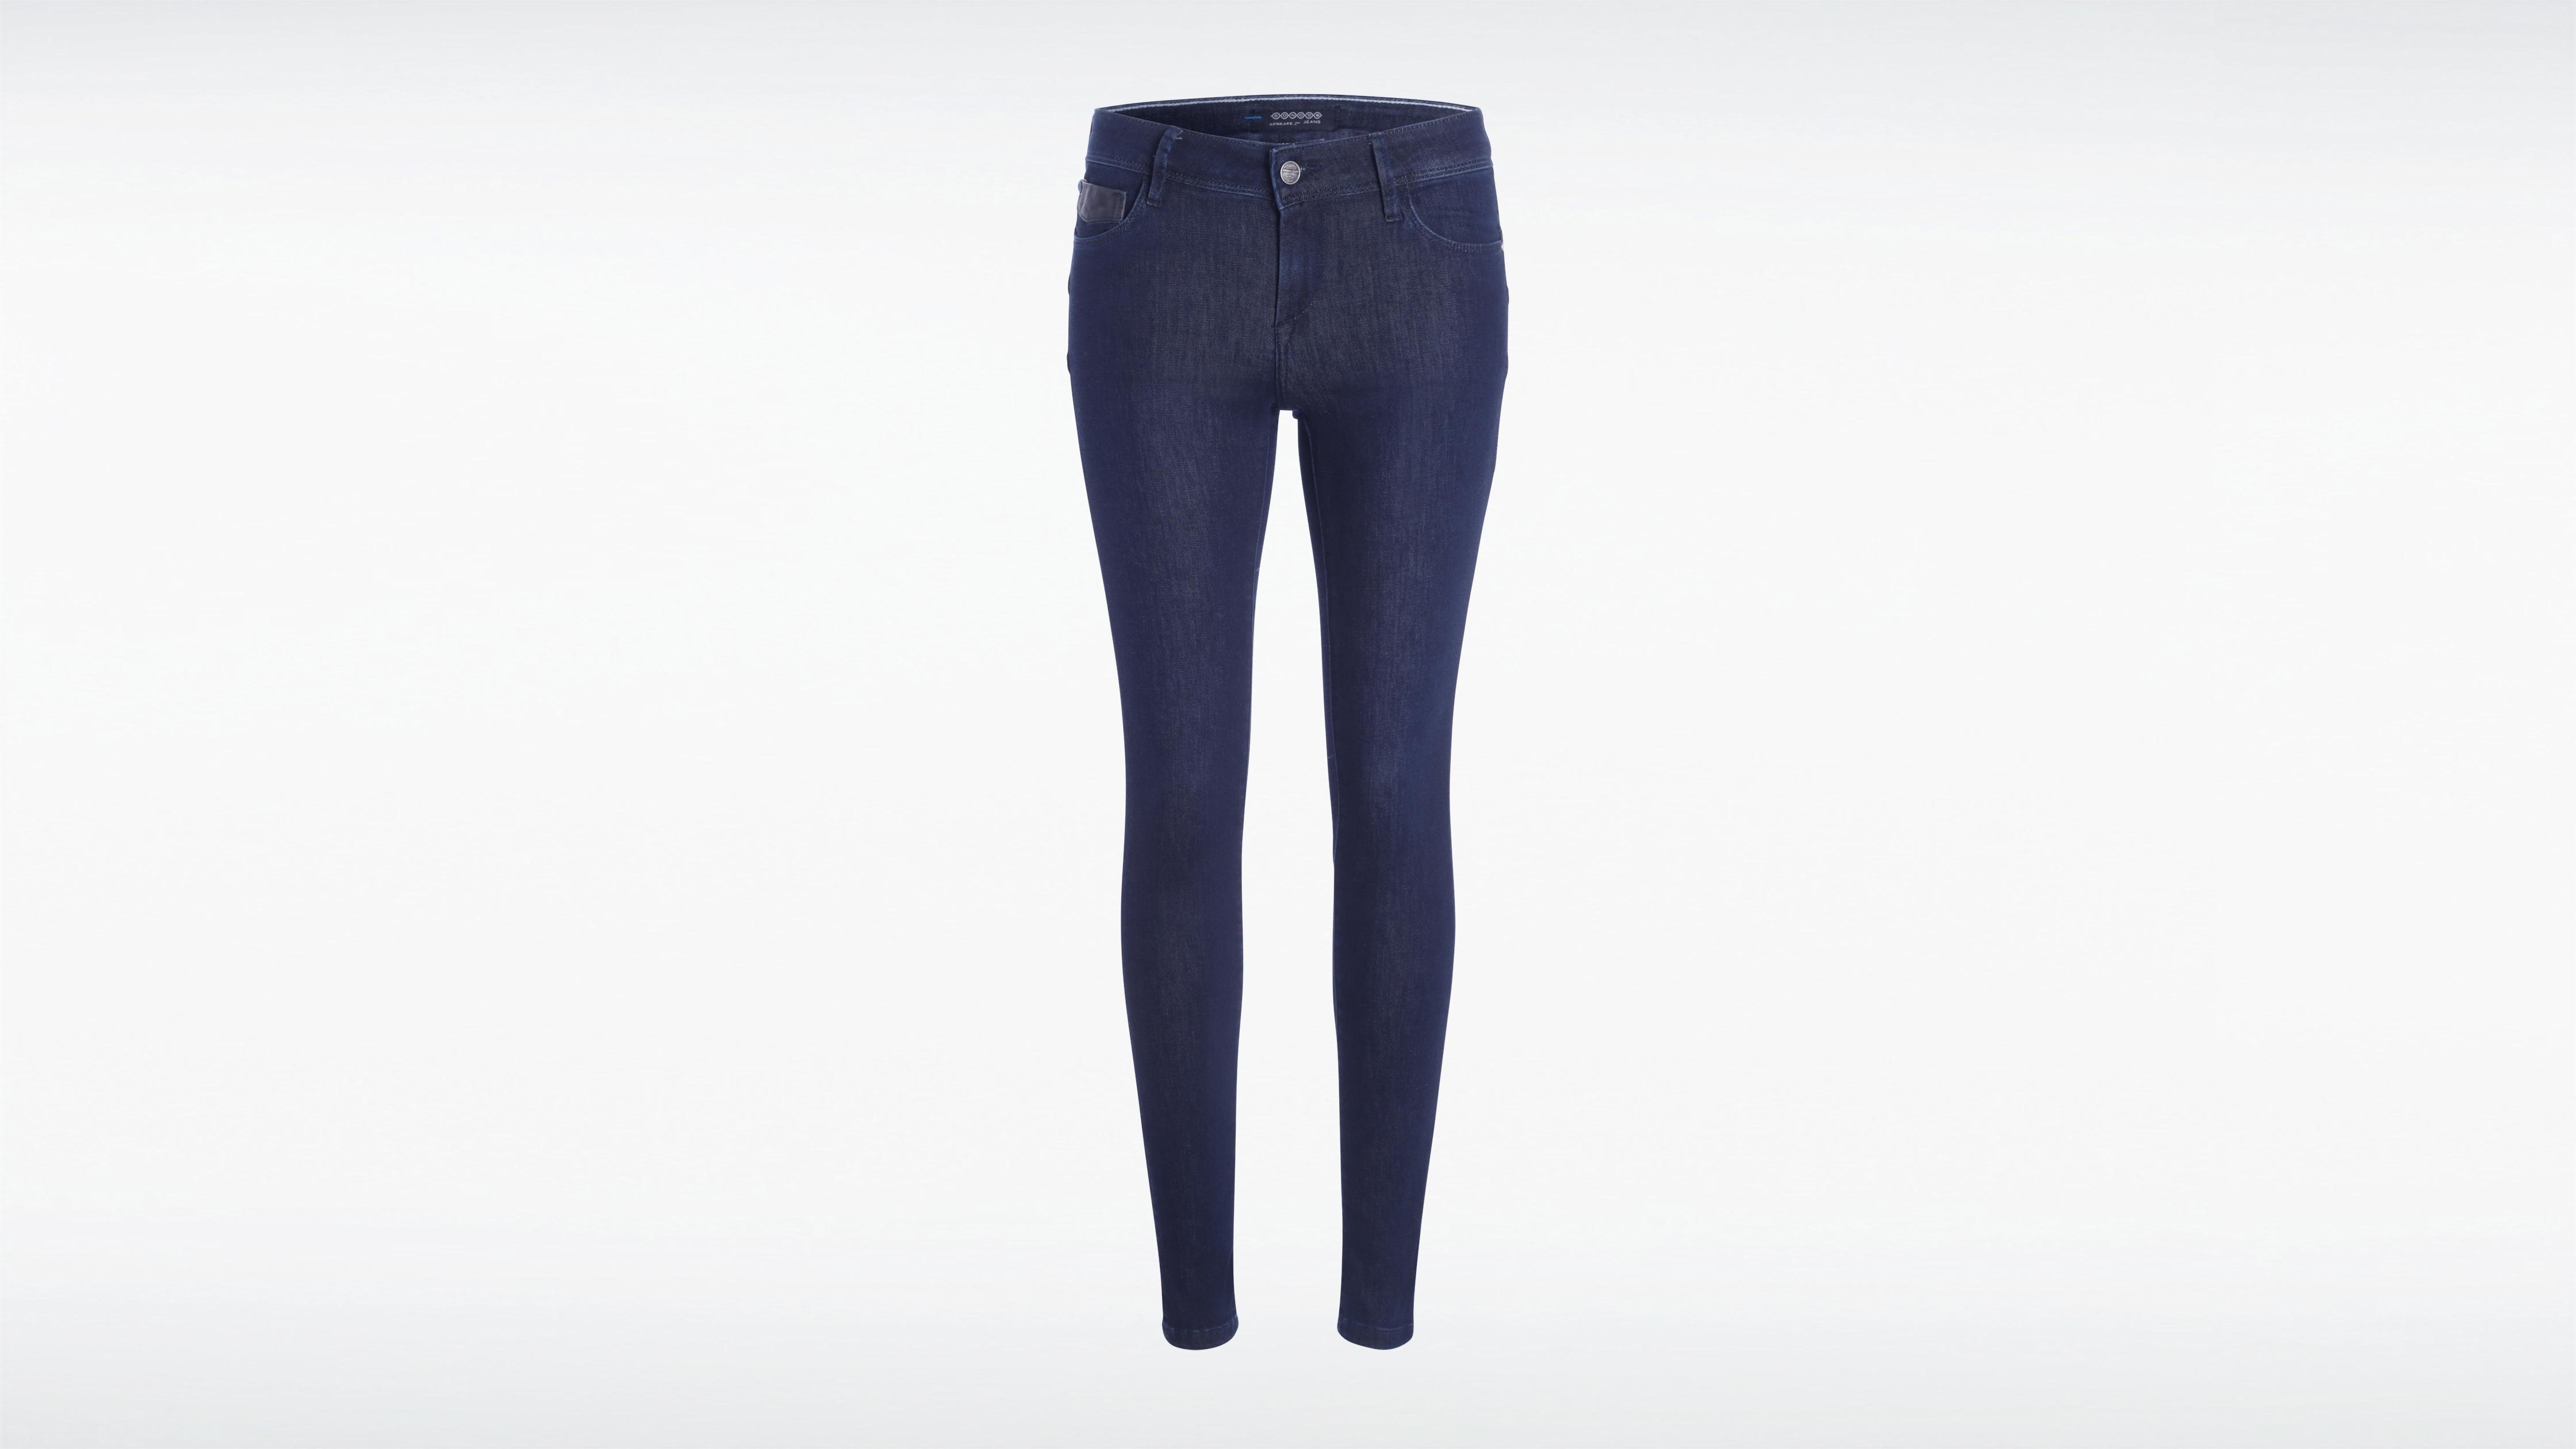 Brut Femme Jeans D'algues Skinny Denim Aux Extraits 2WEH9eDbIY